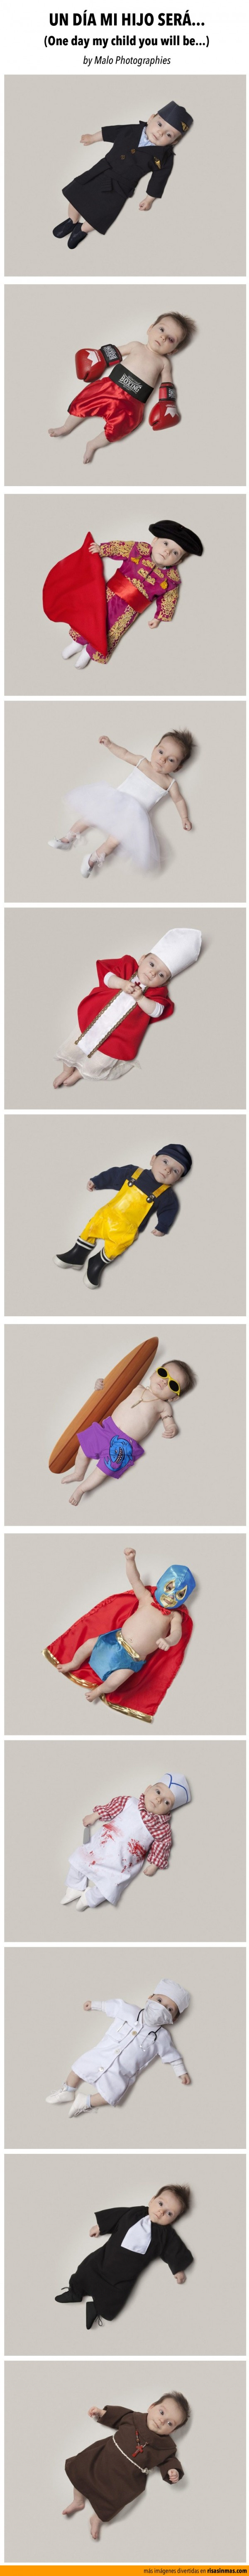 Un día mi hijo será...